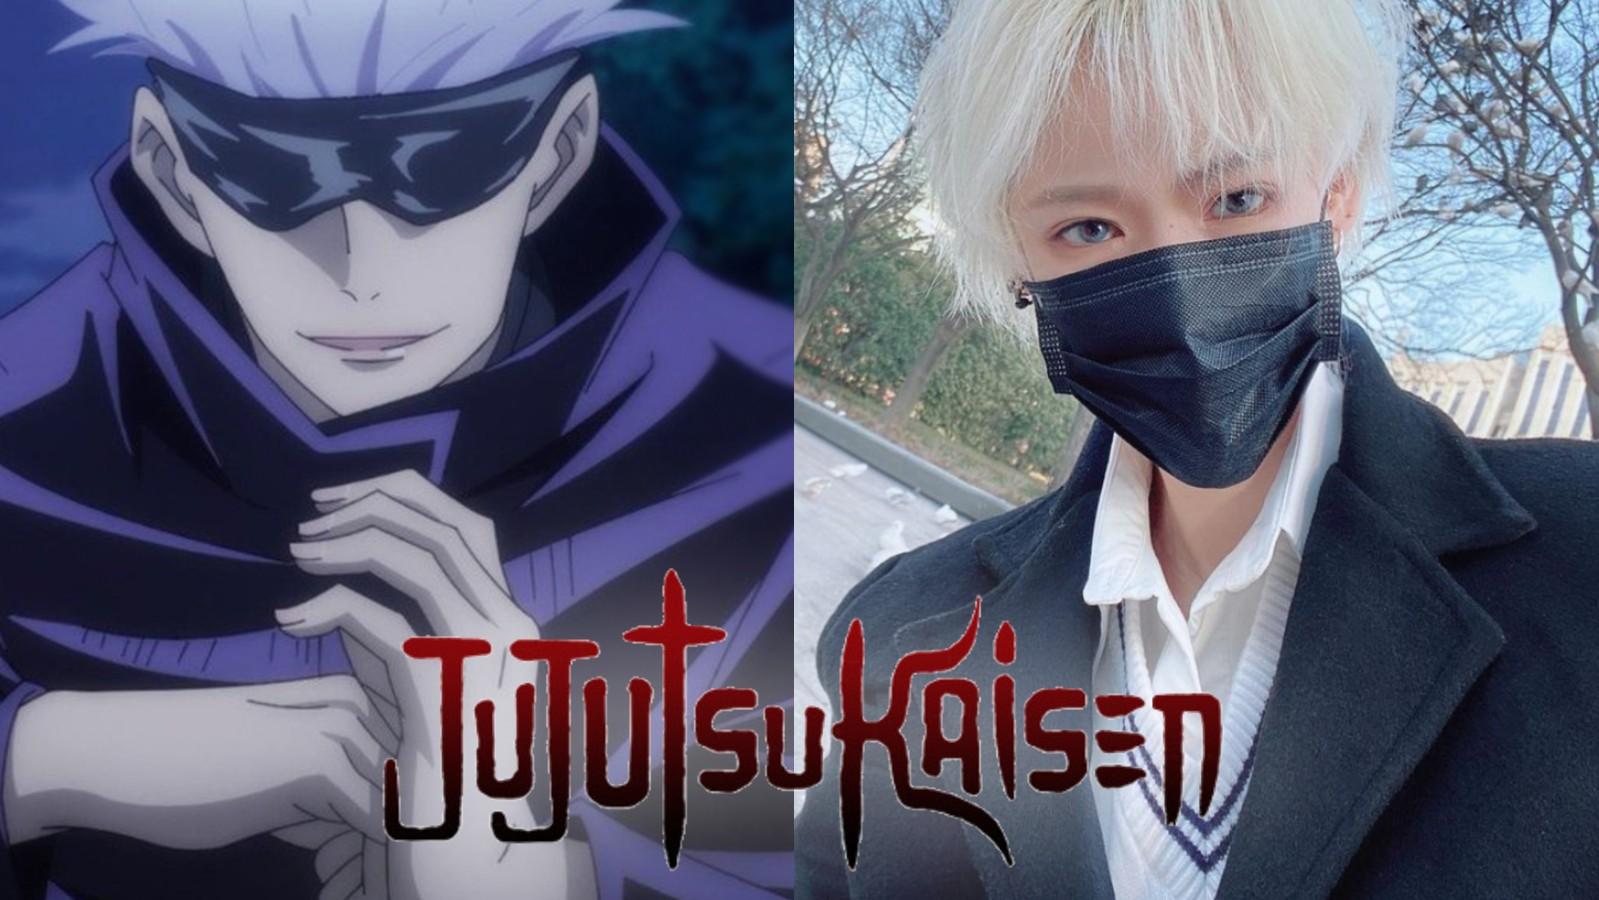 Jujutsu Kaisen Anime Cosplay